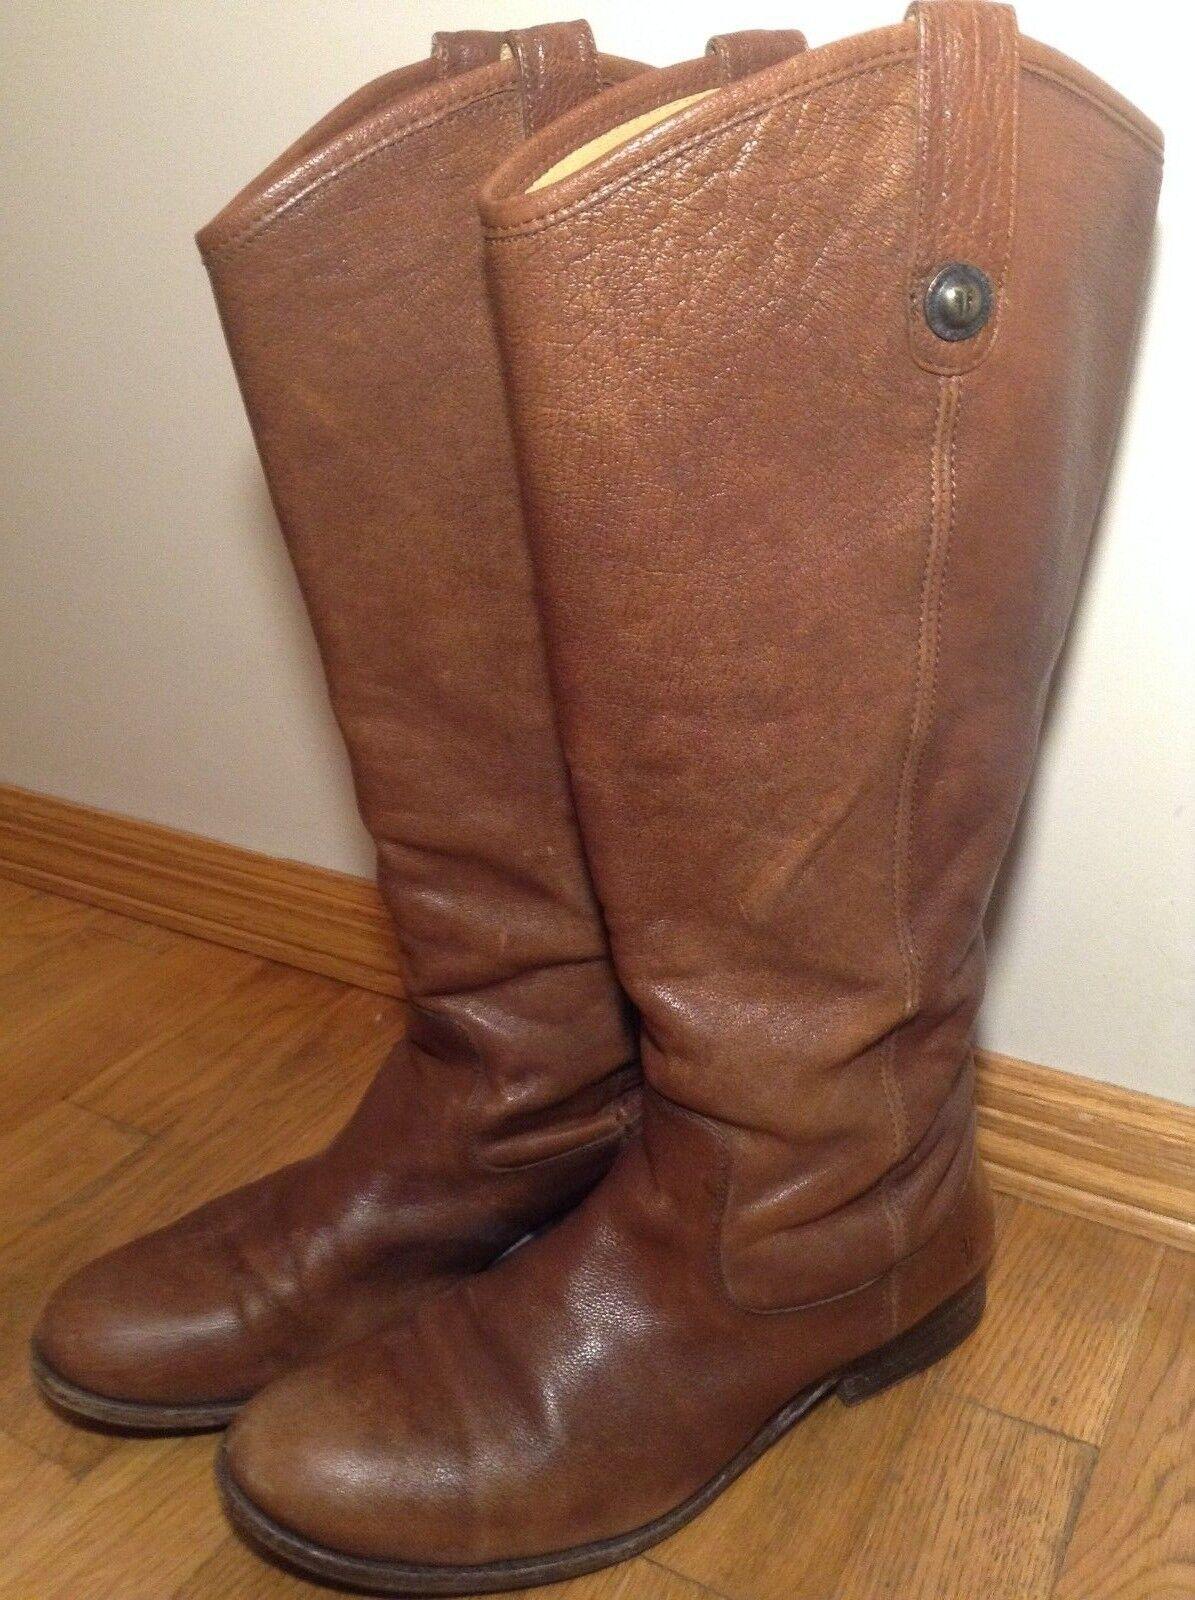 Precio por piso Frye Frye Frye Melissa Button 2 Para mujeres Alto a la rodilla marrón cuero botas Sz 10 B  compras online de deportes